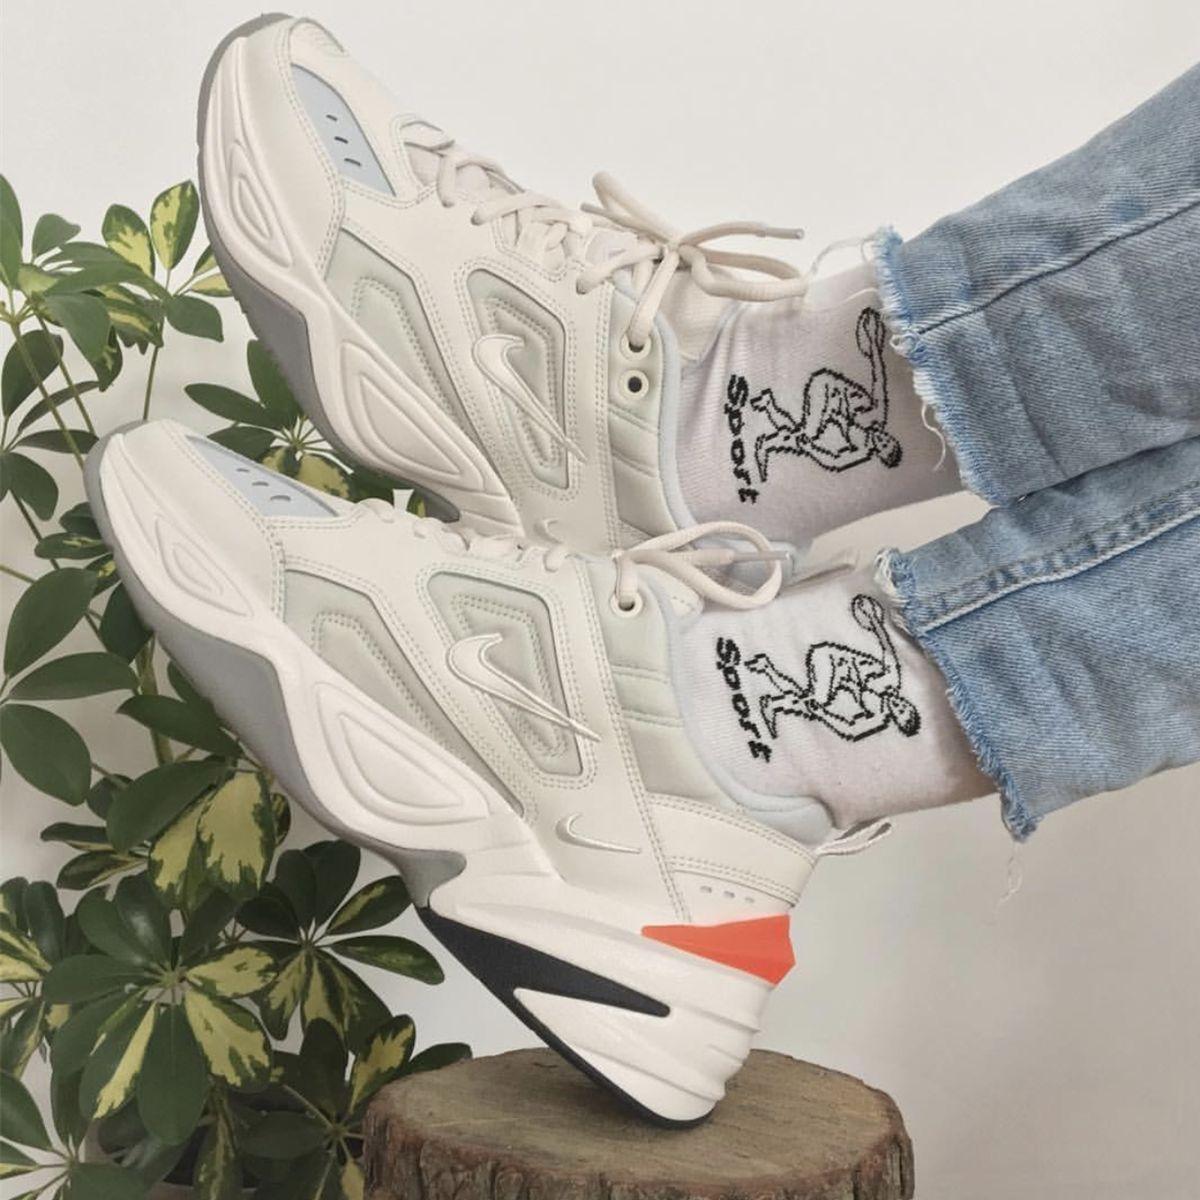 in Nike TechnoSneaker 2019ShoesTrendy M2K und shoes K1TlJ3uFc